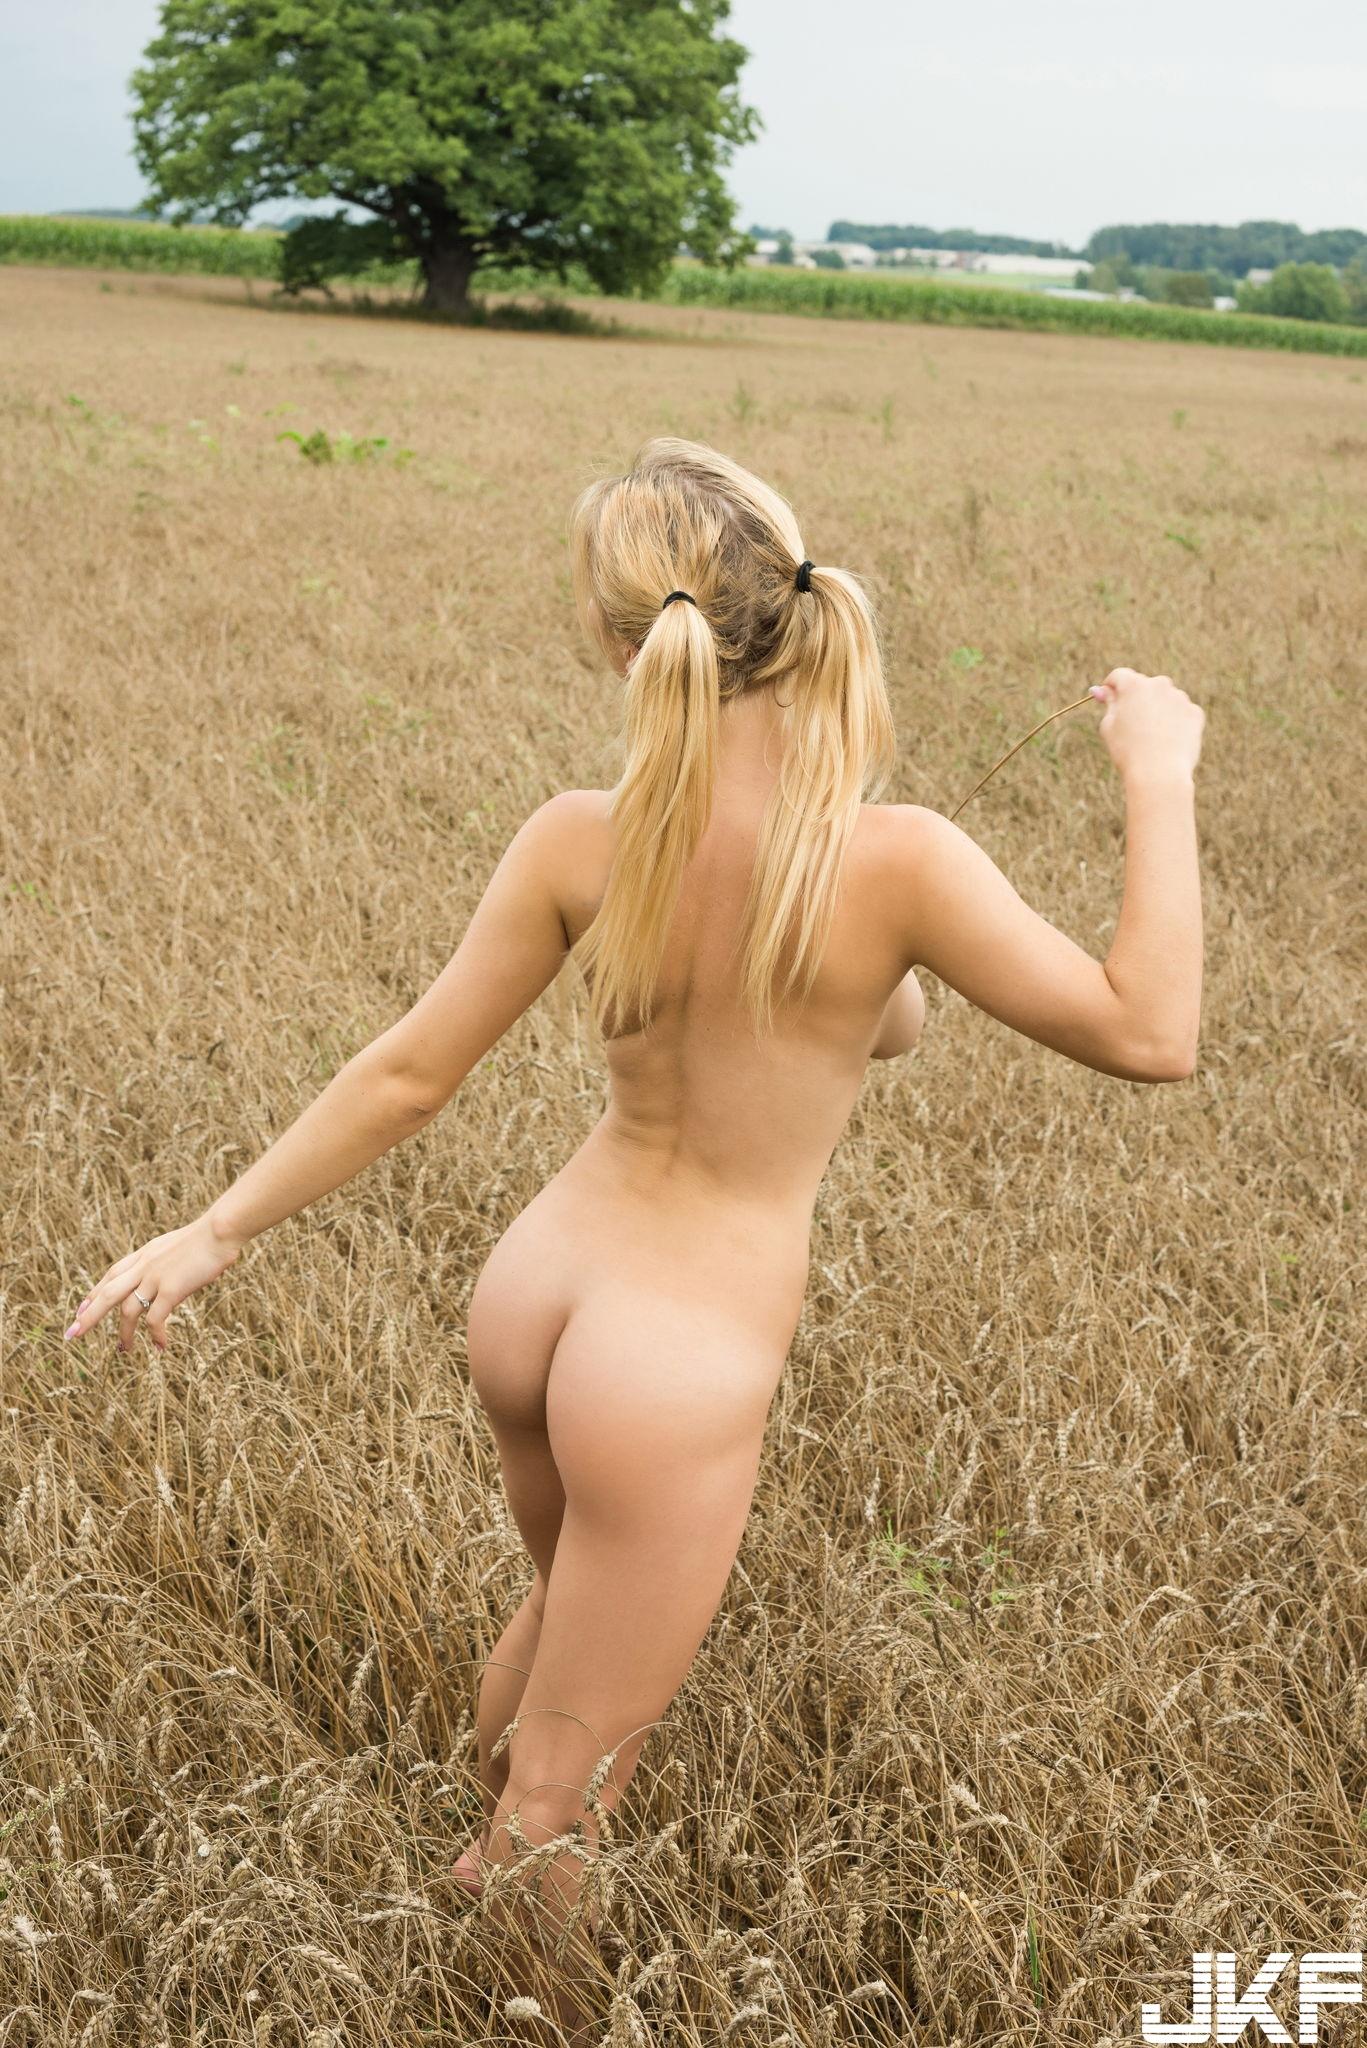 MetArt_Nature-Walk_Yelena_medium_0089.jpg